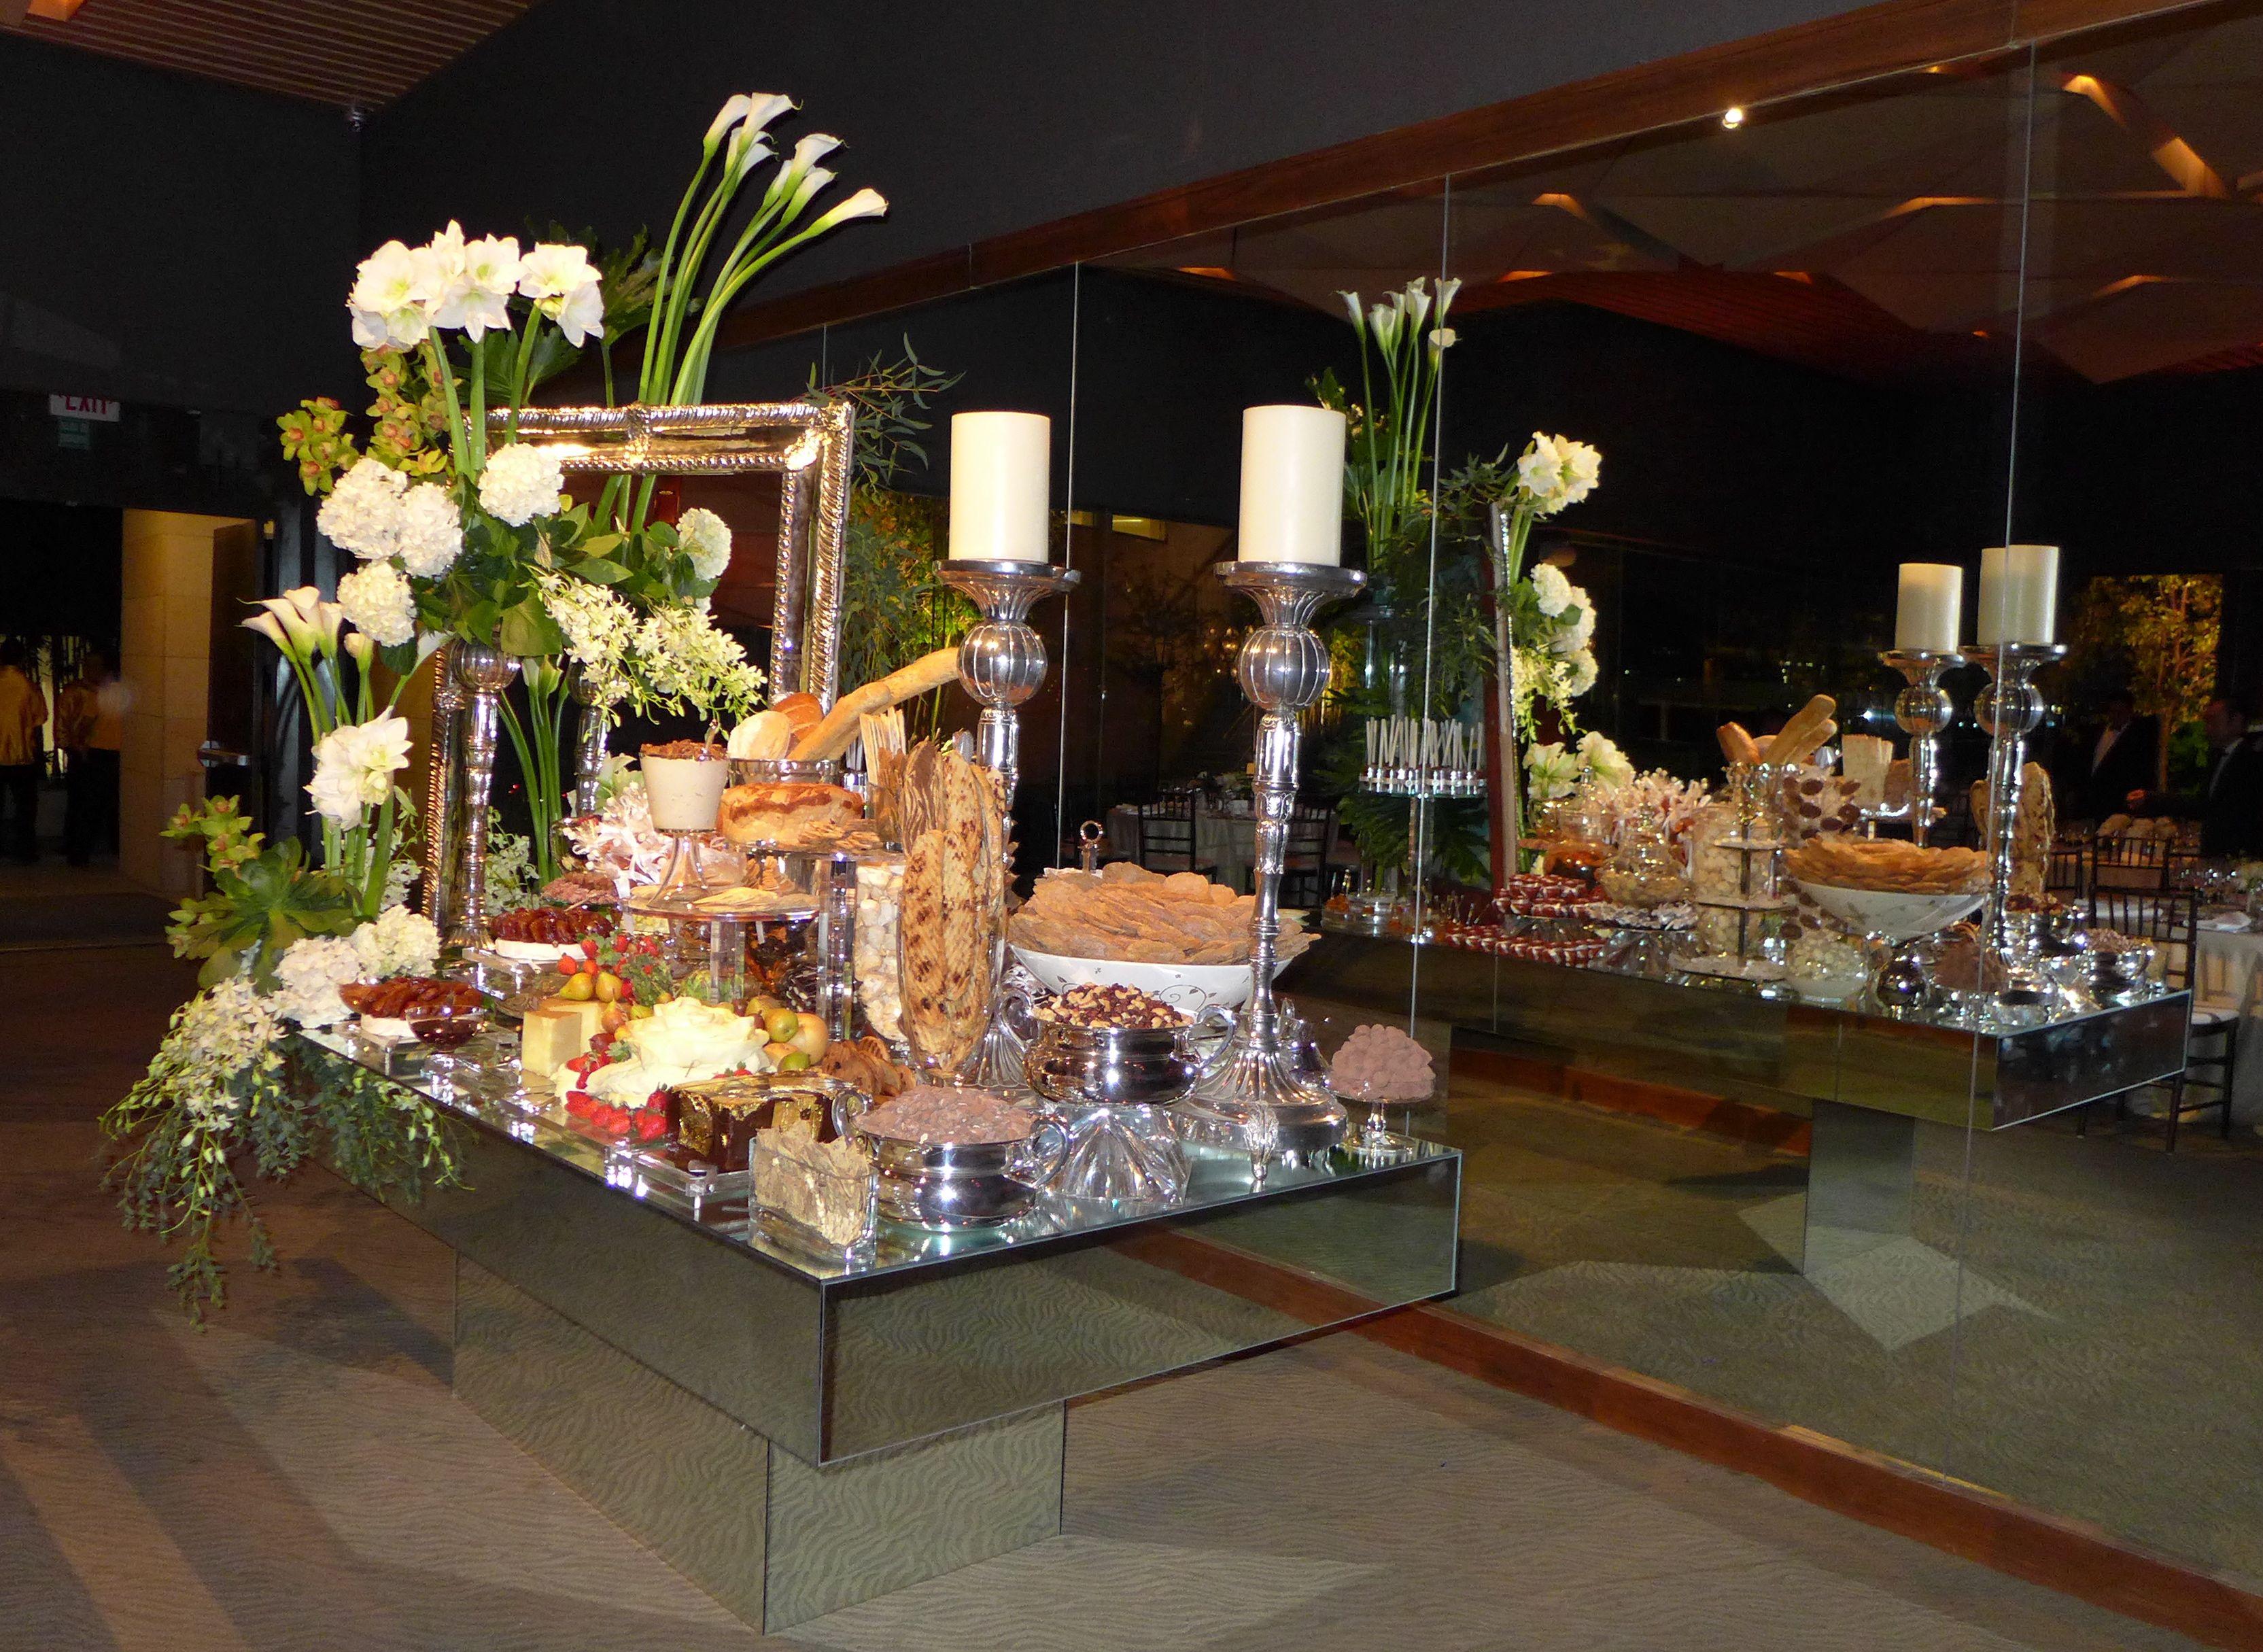 Mesa espejo como mesa de quesos y postres en boda for Mesa espejo